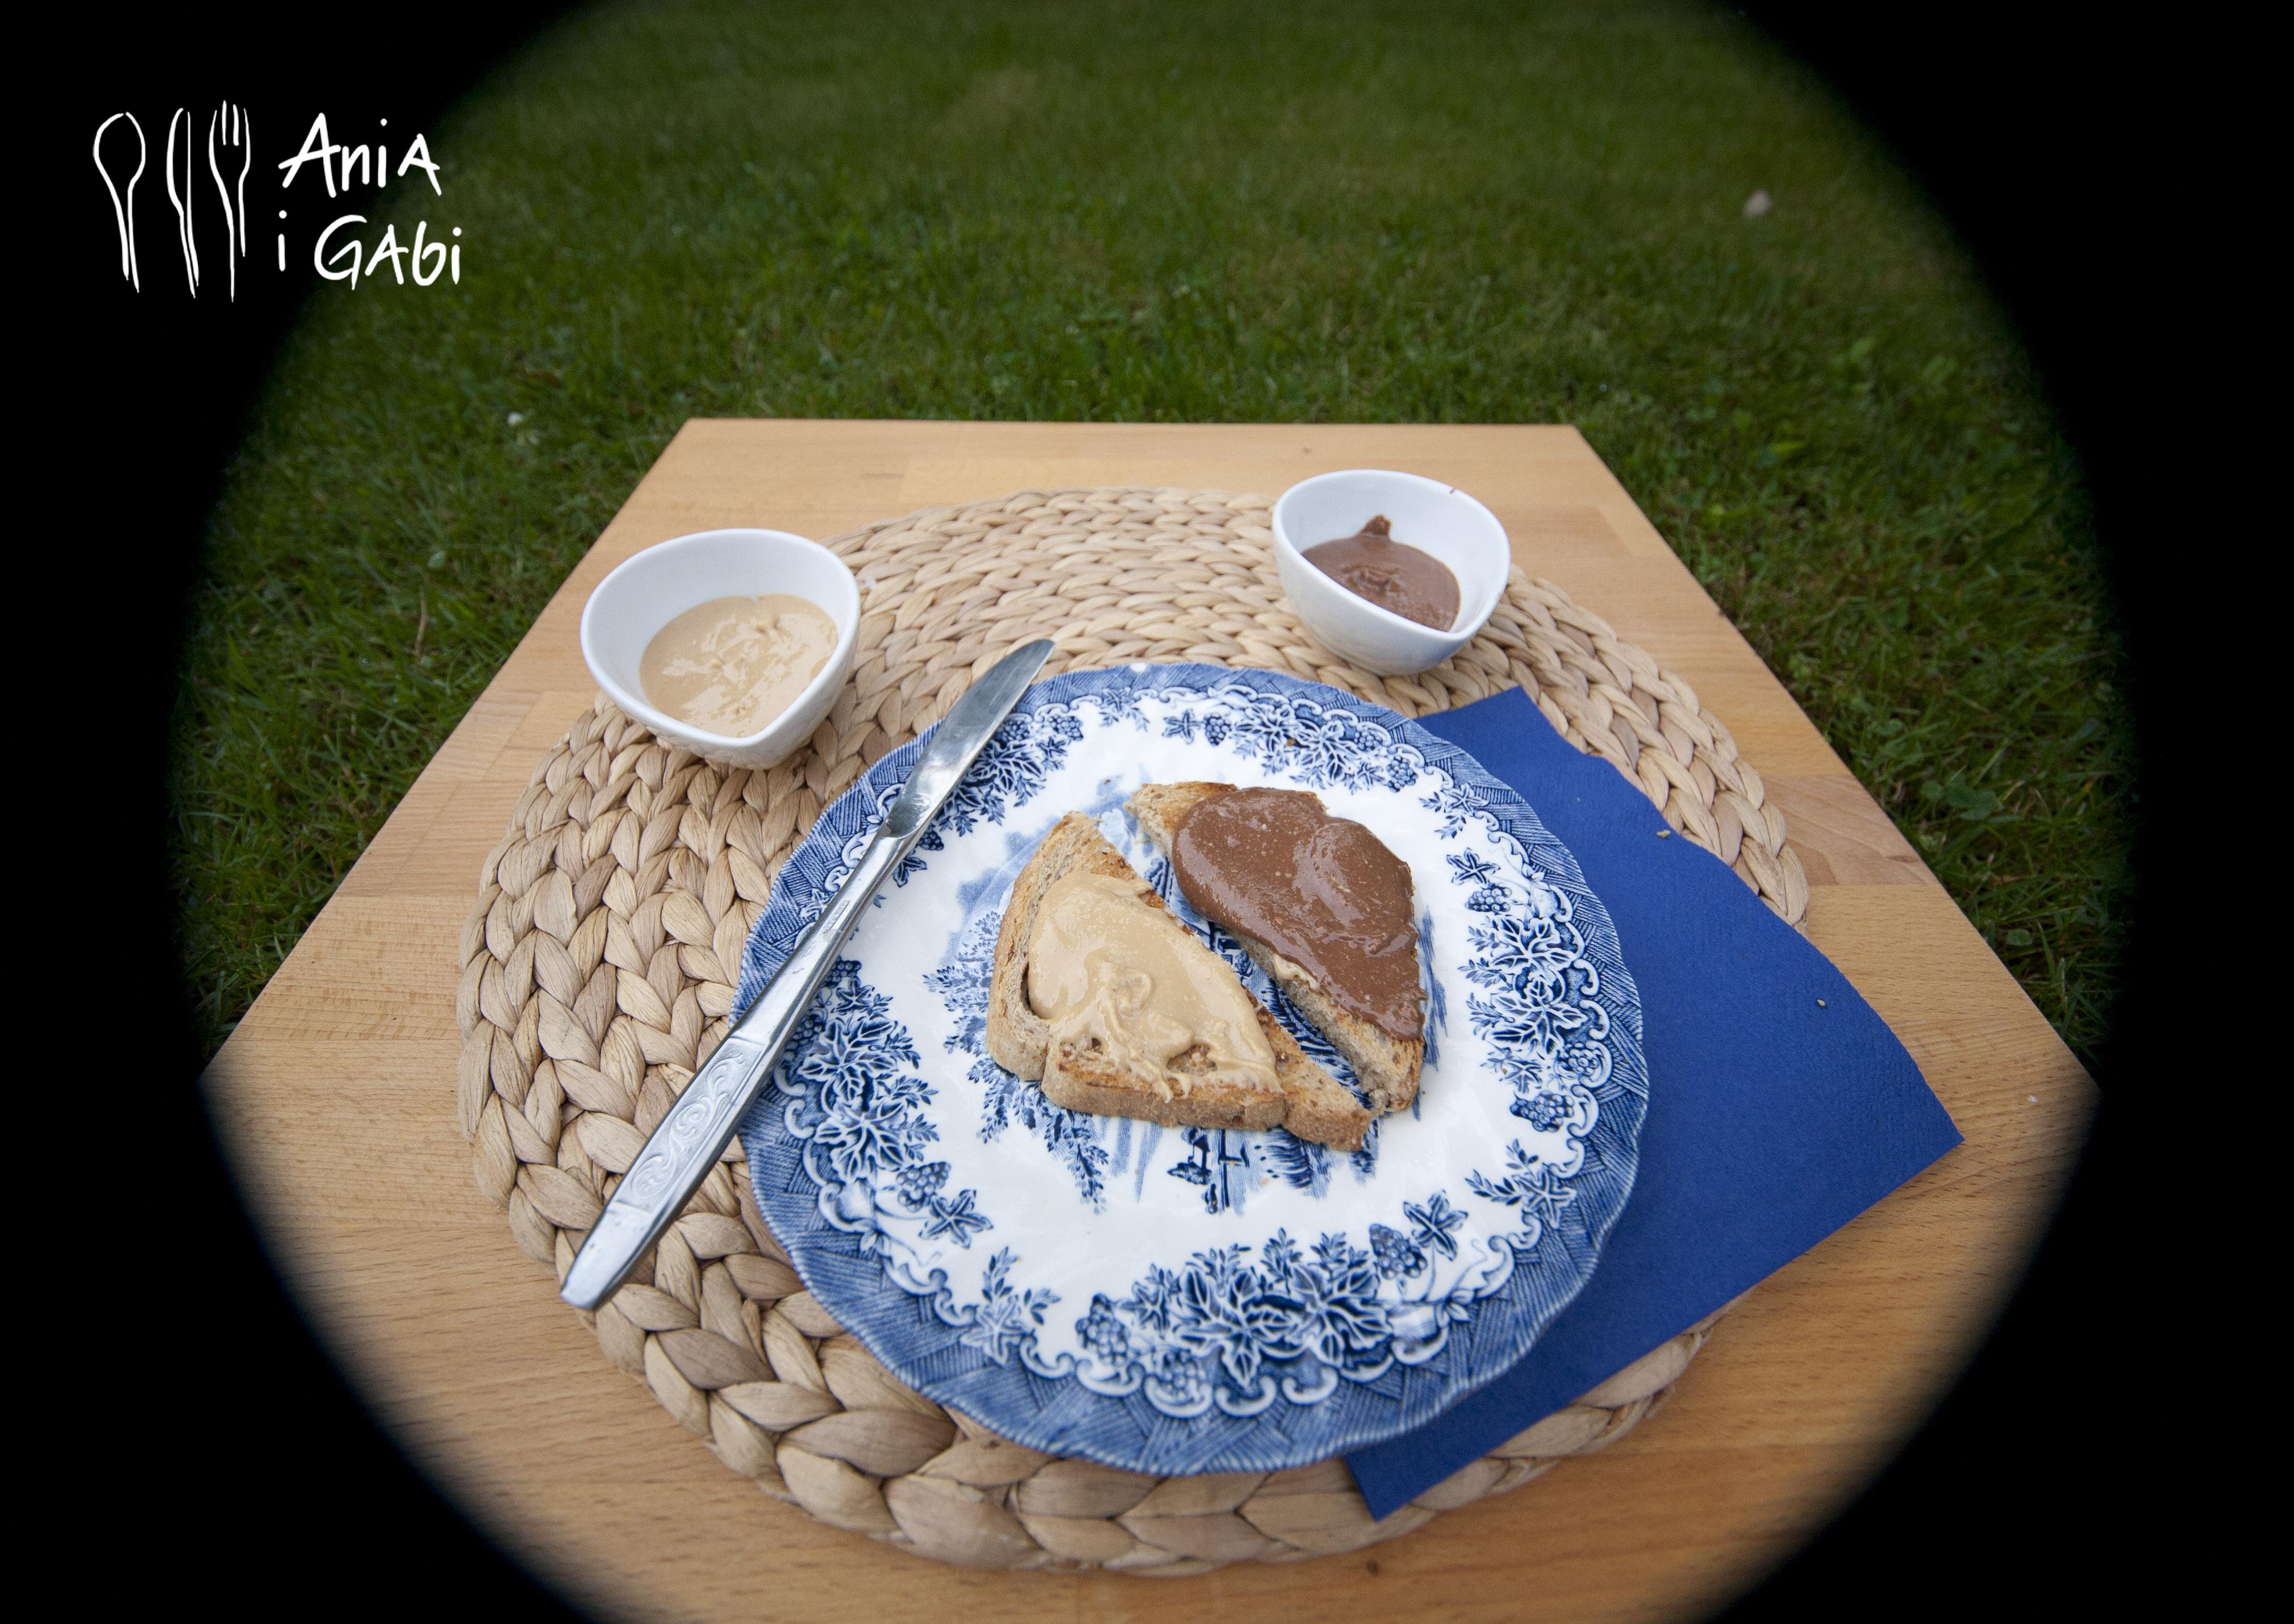 Masło orzechowe inspirowane Szkocją + dużo zdjęć z Edynburga